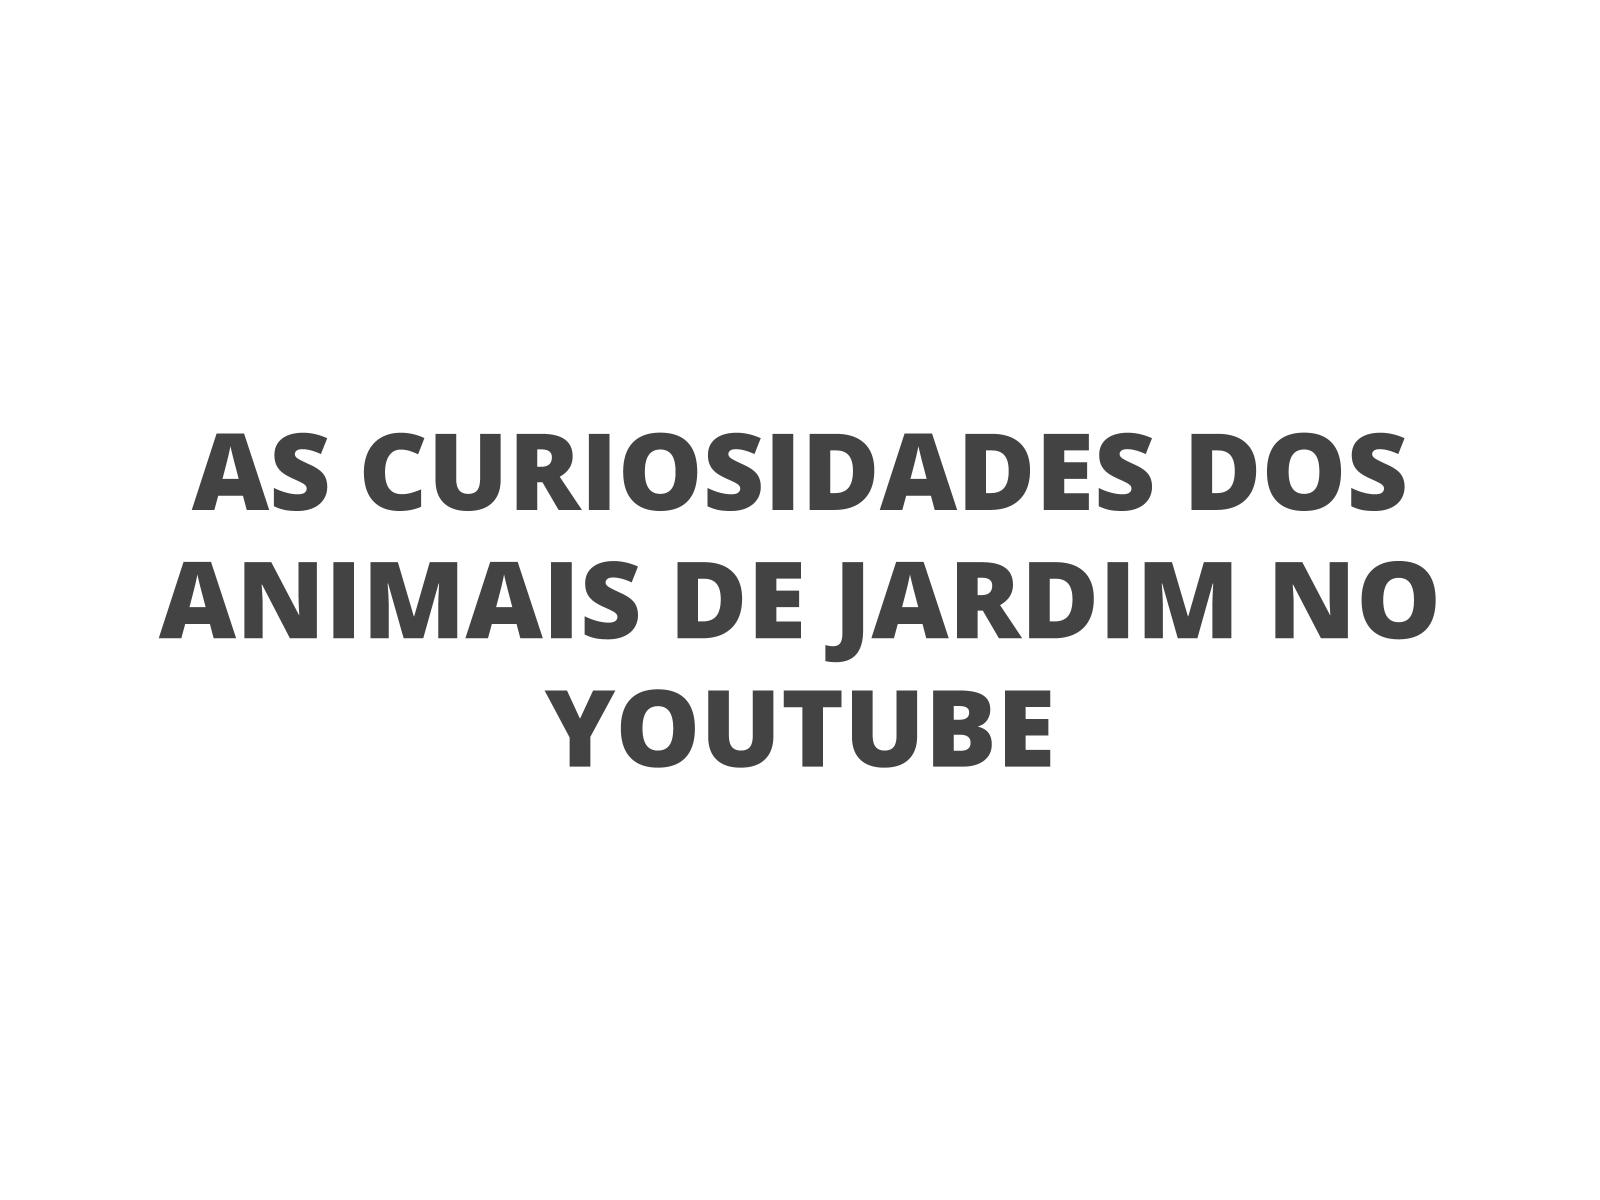 YouTube e oralidade: gravando vídeos sobre curiosidades